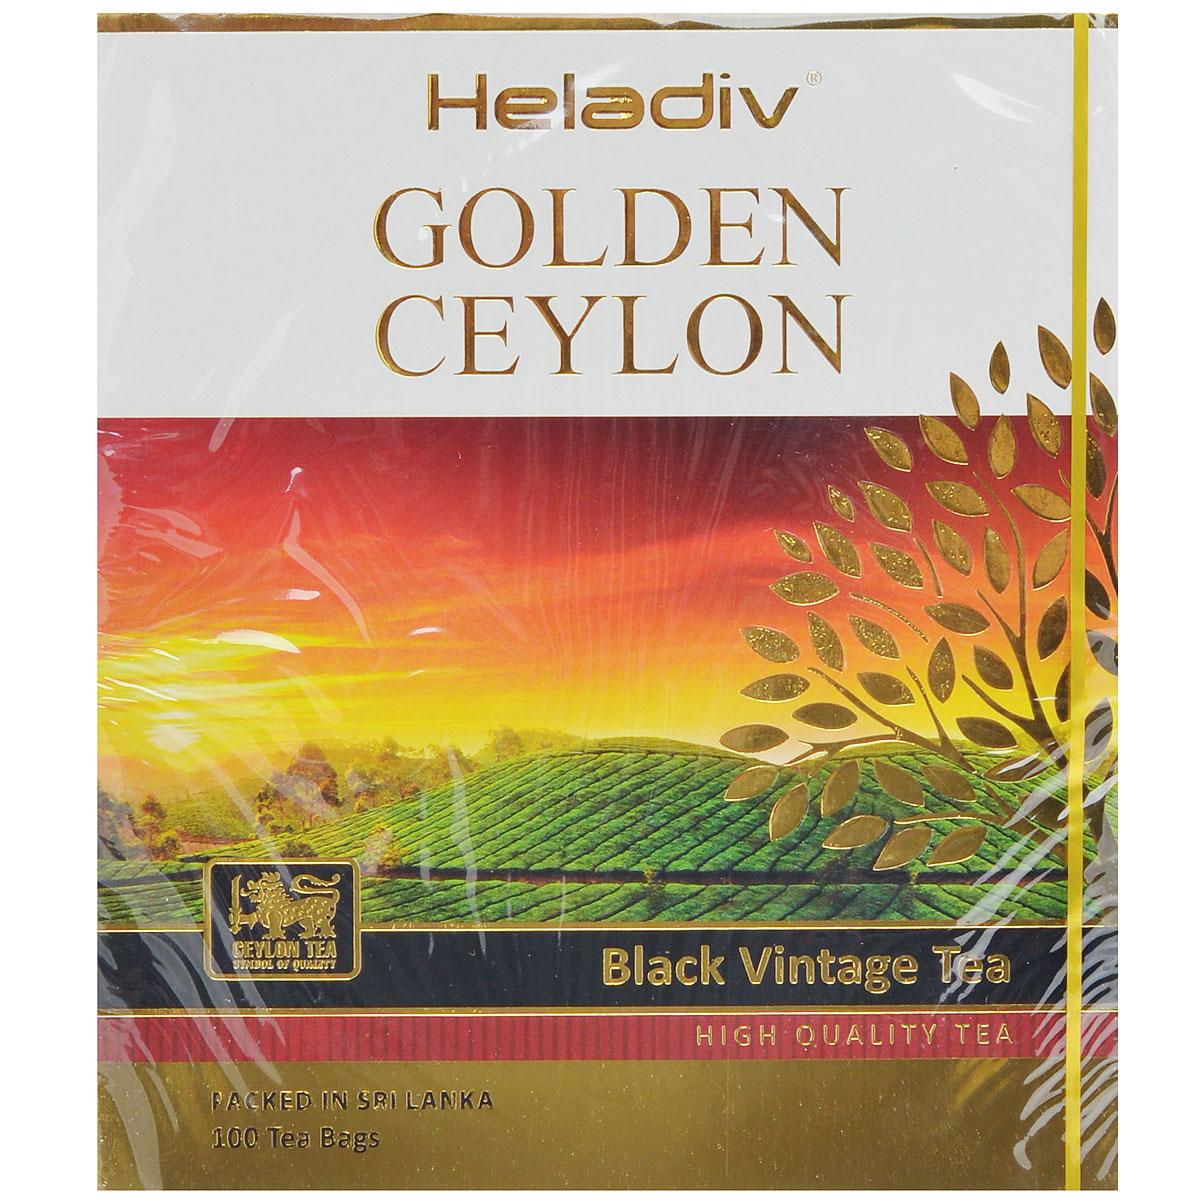 Heladiv Golden Ceylon Vintage Black черный пакетированный чай, 100 пакетиков0120710Heladiv Golden Ceylon Vintage Black - черный цейлонский чай в пакетиках для разовой заварки.